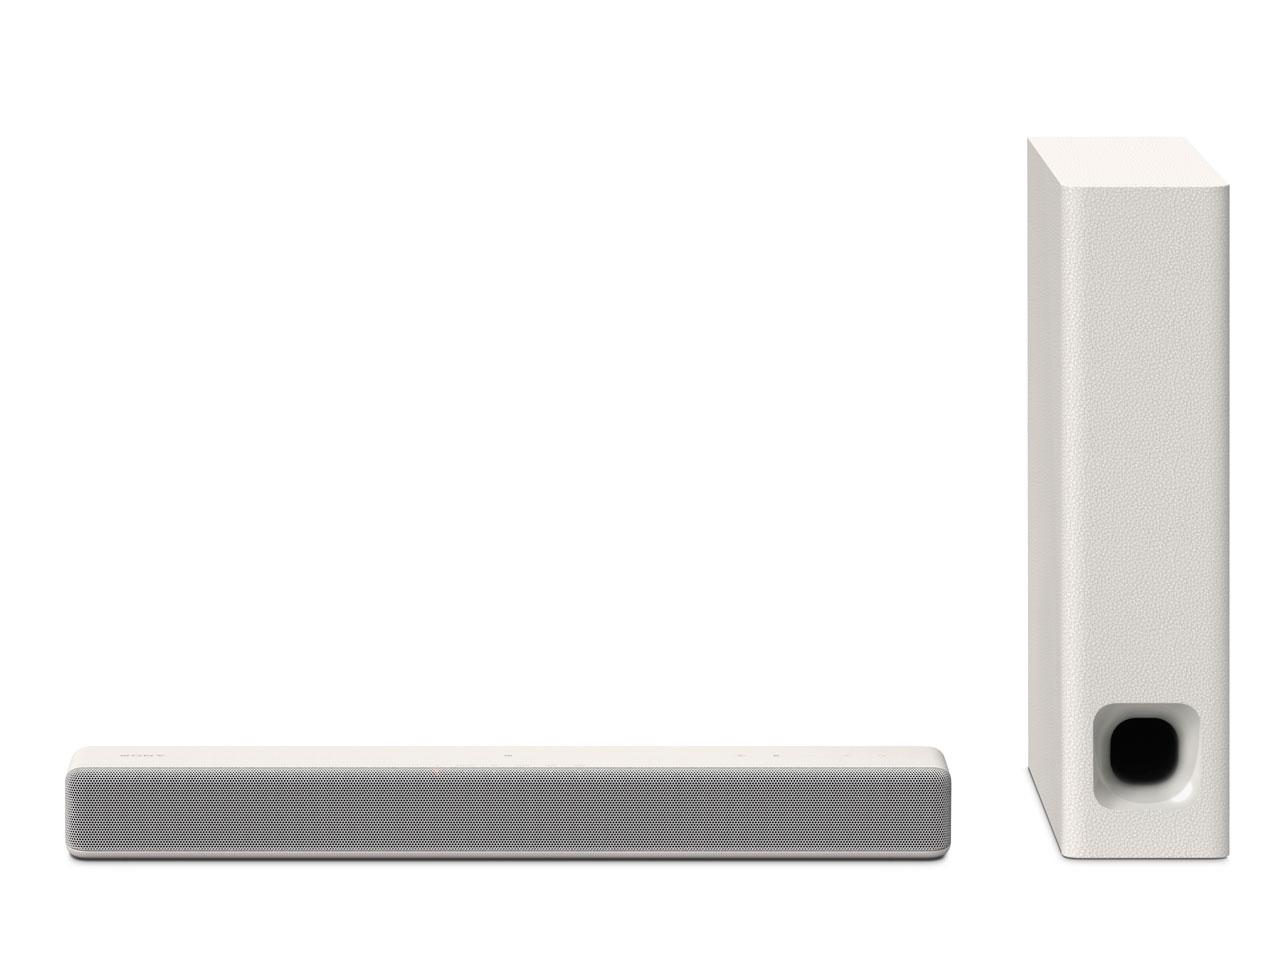 【新品】【送料無料】ソニー SONY サウンドバー 2.1ch NFC/Bluetooth ホームシアターシステム クリームホワイト HT-MT300 WM